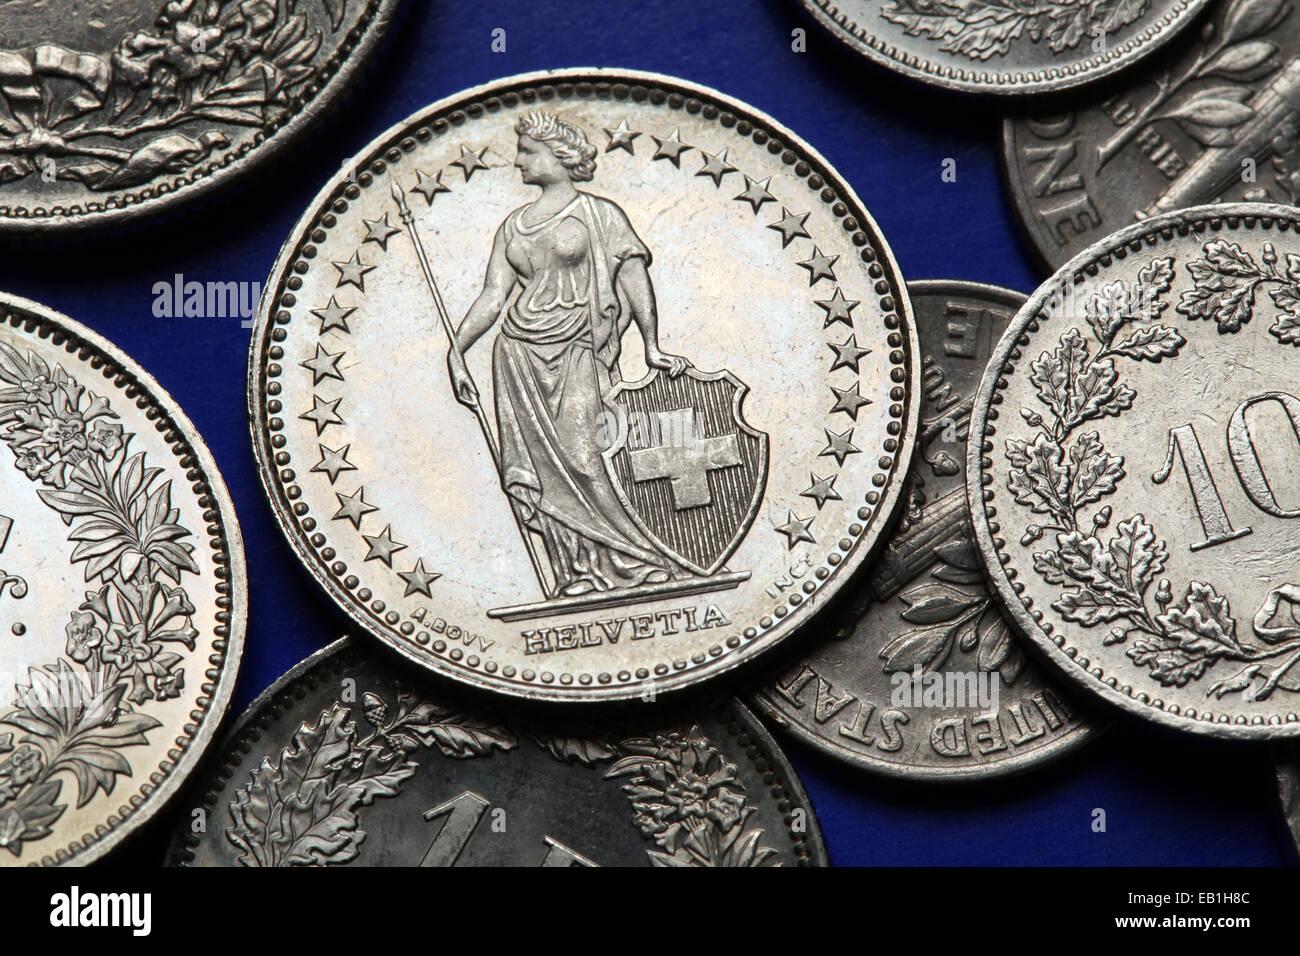 Münze Münzen Währung Geld Helvetia Stockfotos Münze Münzen Währung